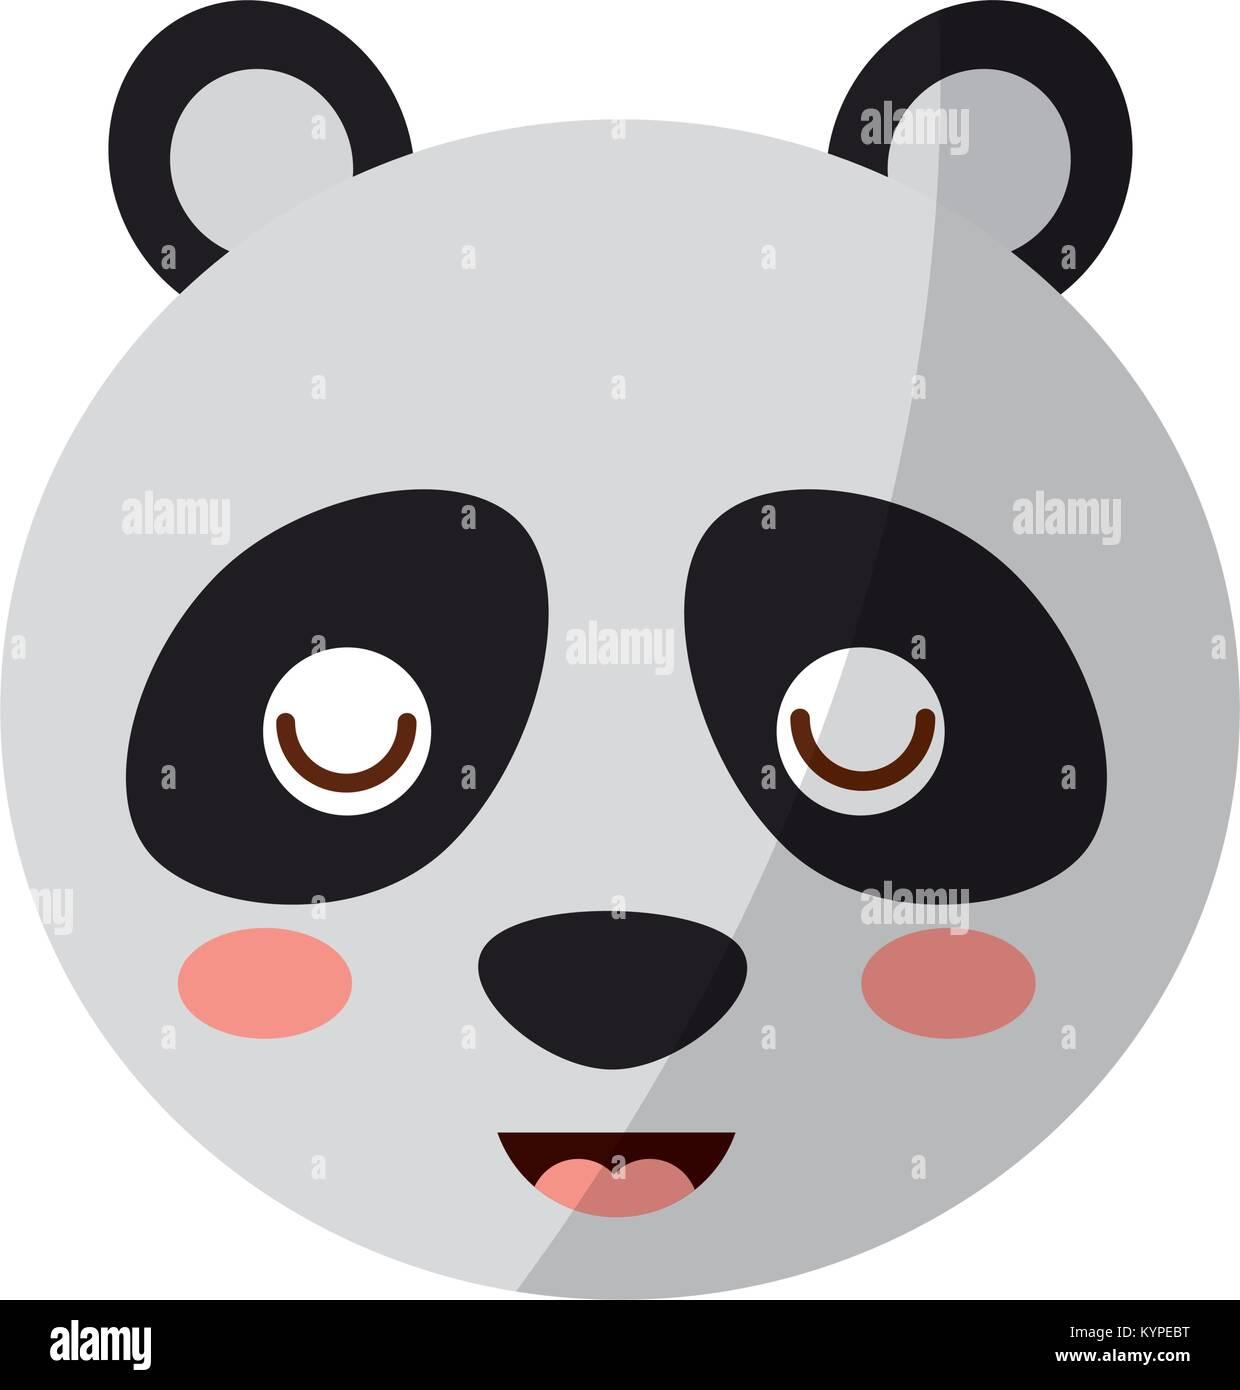 Clip art e grafiche vettoriali gratuite di orso panda animale con